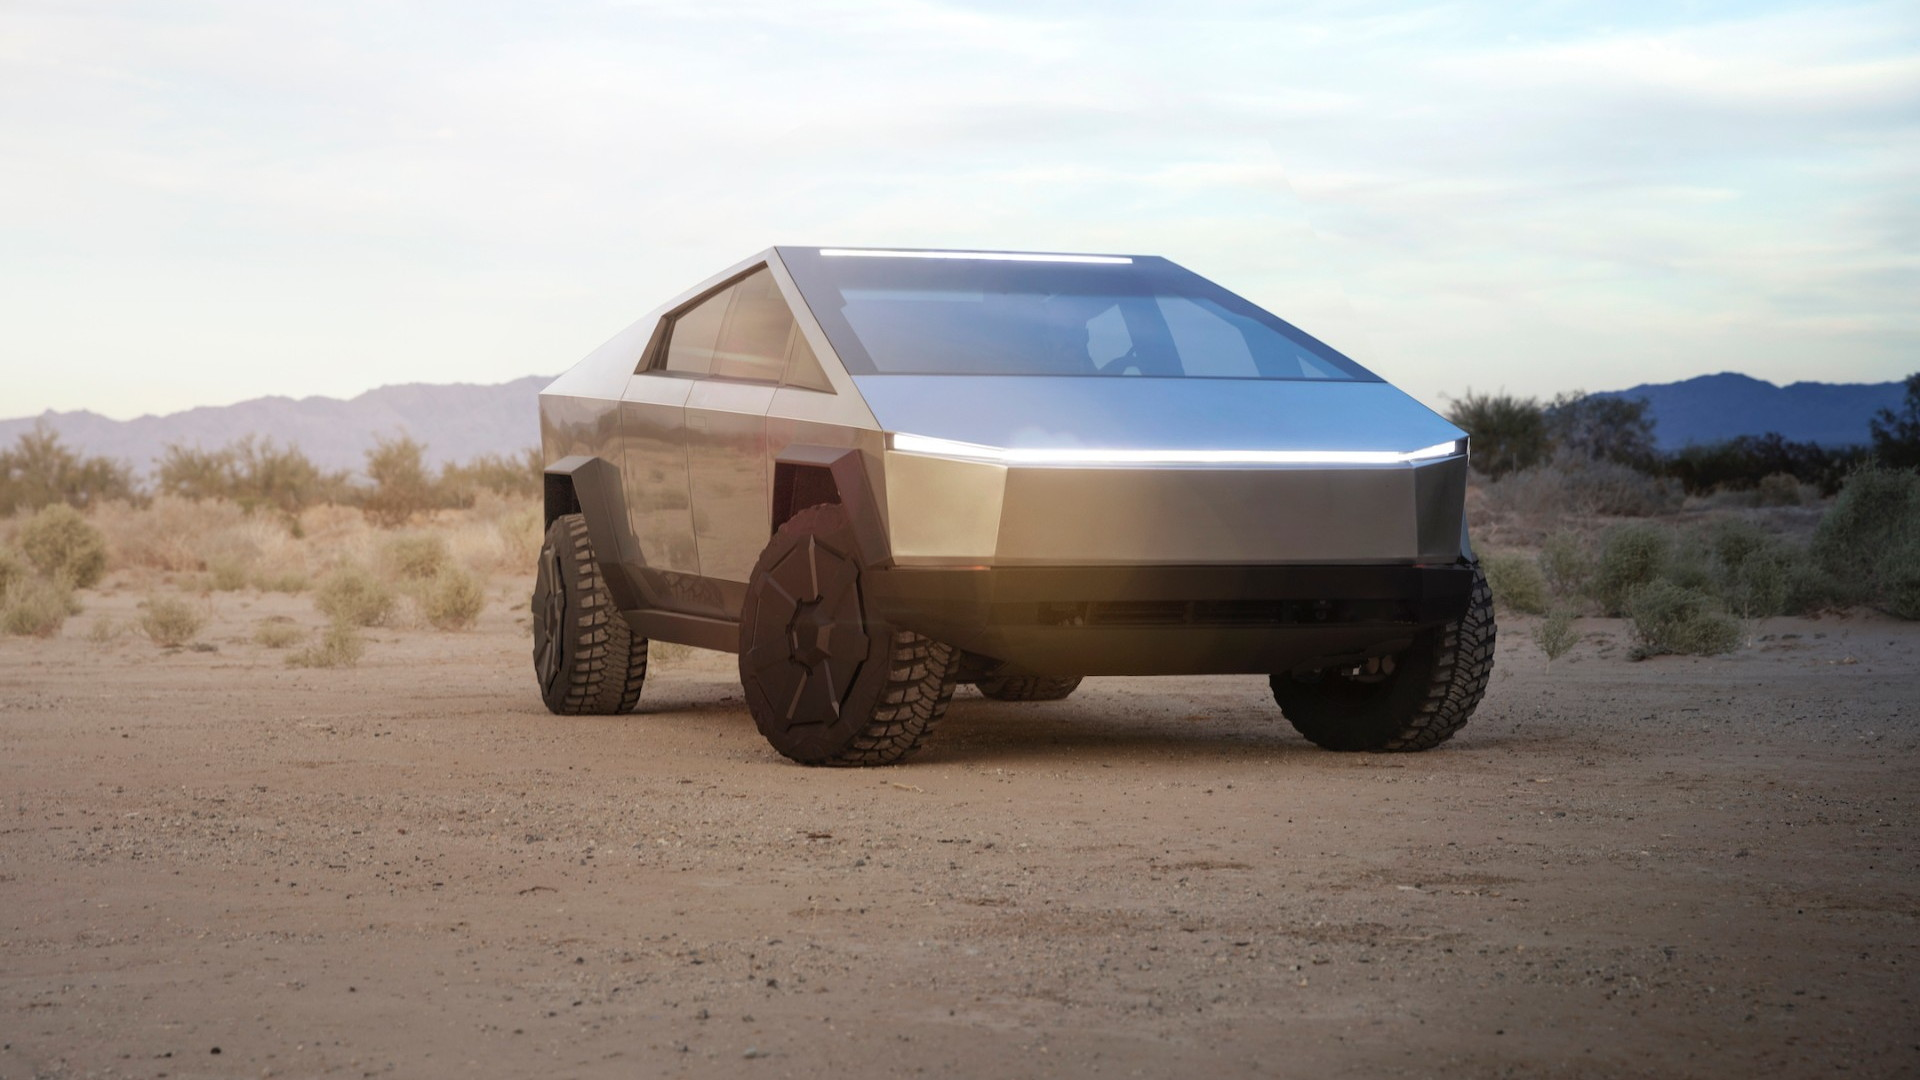 Tesla Cybertruck prototype  -  Nov. 2019